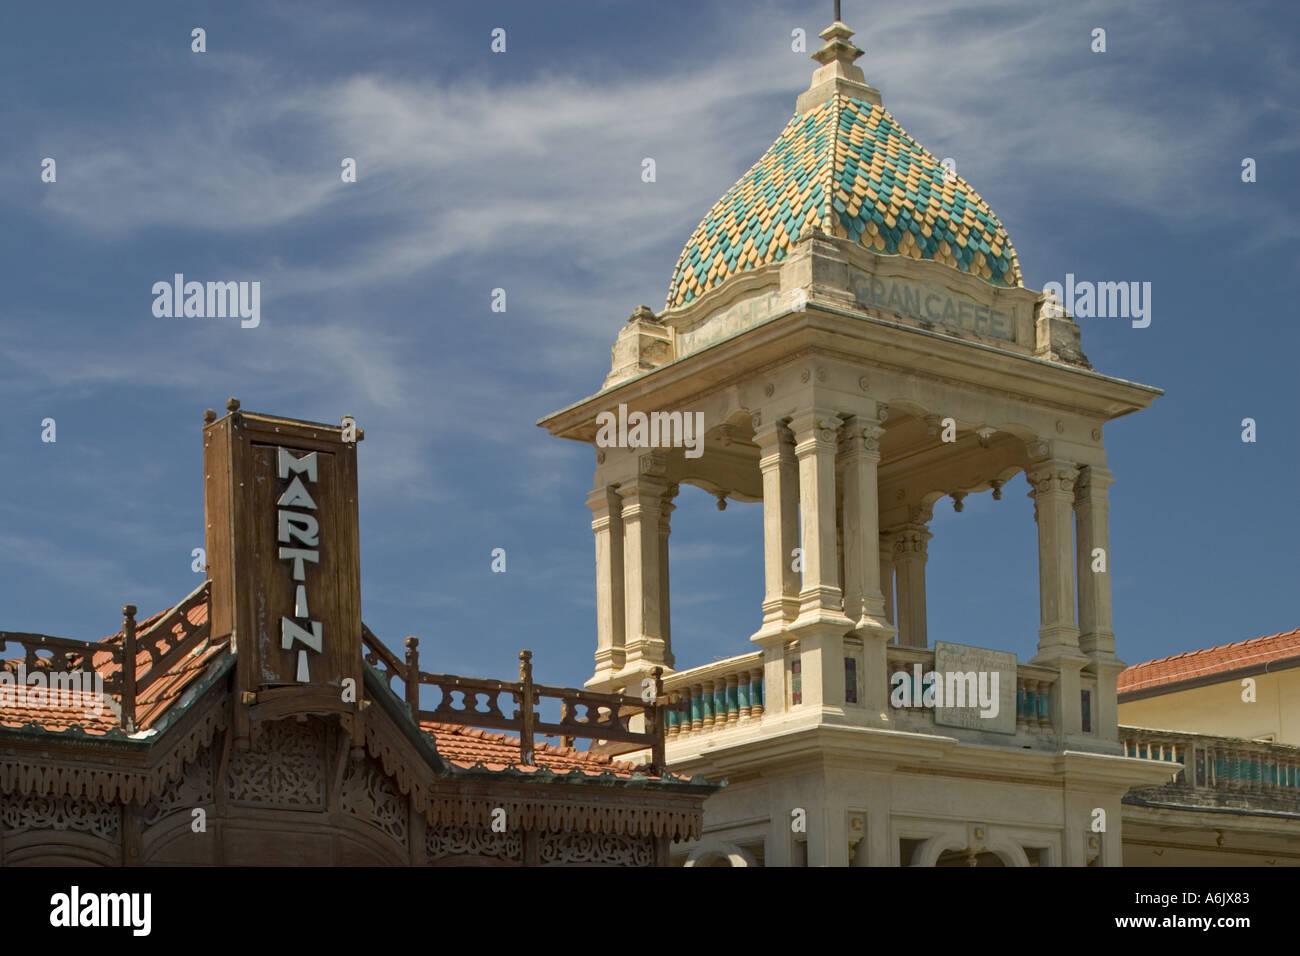 Viareggio toscana italia architettura liberty località balneare Mar Tirreno Immagini Stock